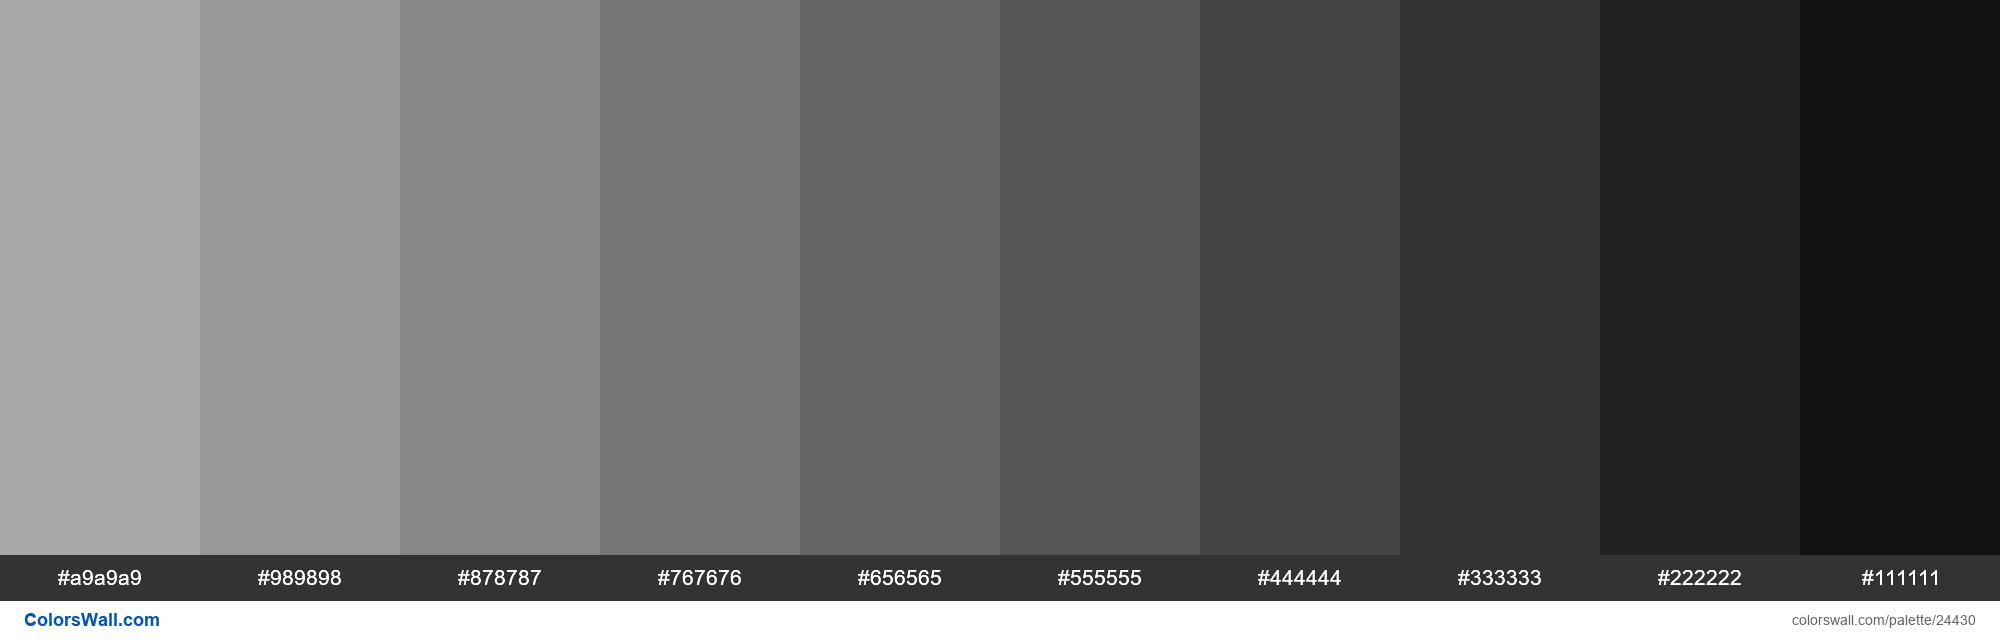 Shades of Dark Gray #A9A9A9 hex color #a9a9a9, #989898 ...